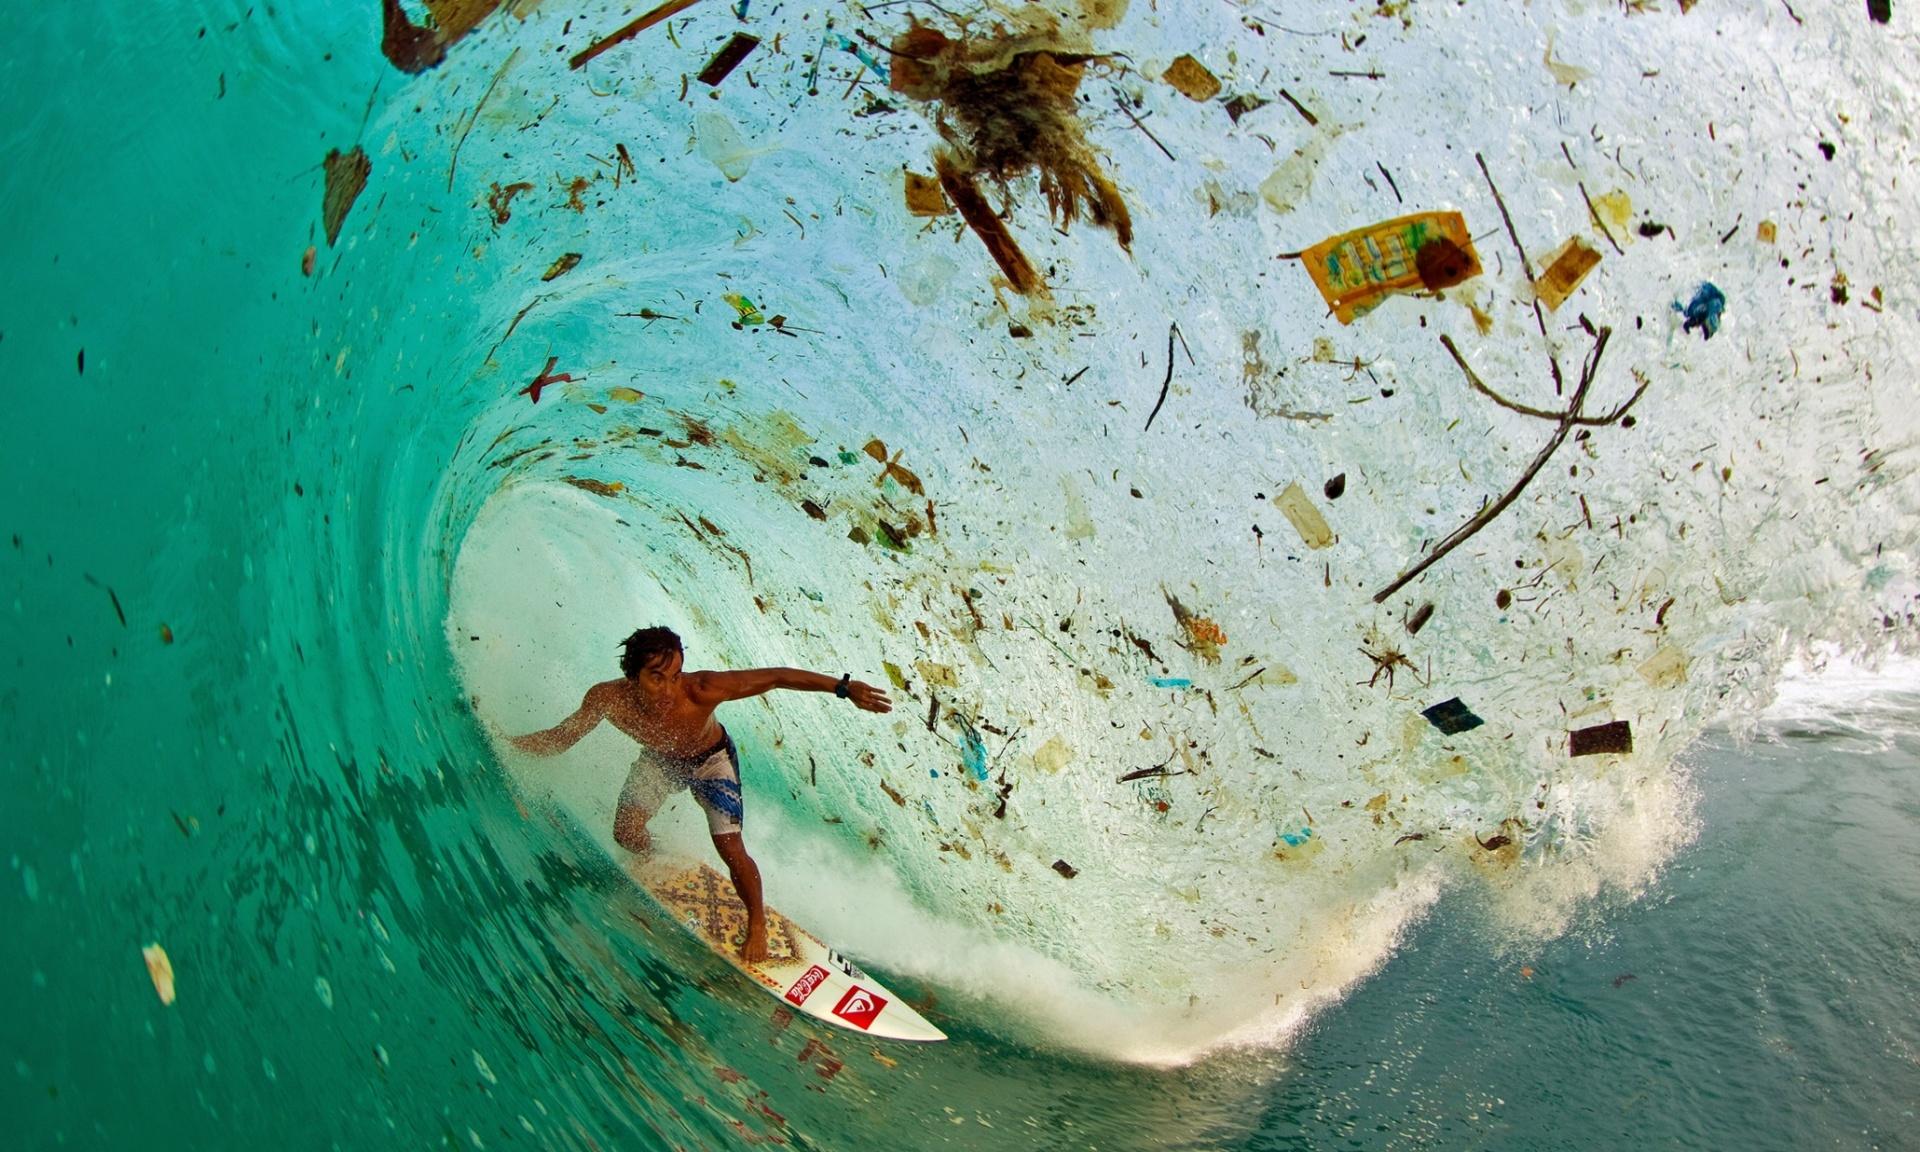 Dede Surinaya cogiendo una ola en una remota bahía de Java (Foto de Zak Noyle)